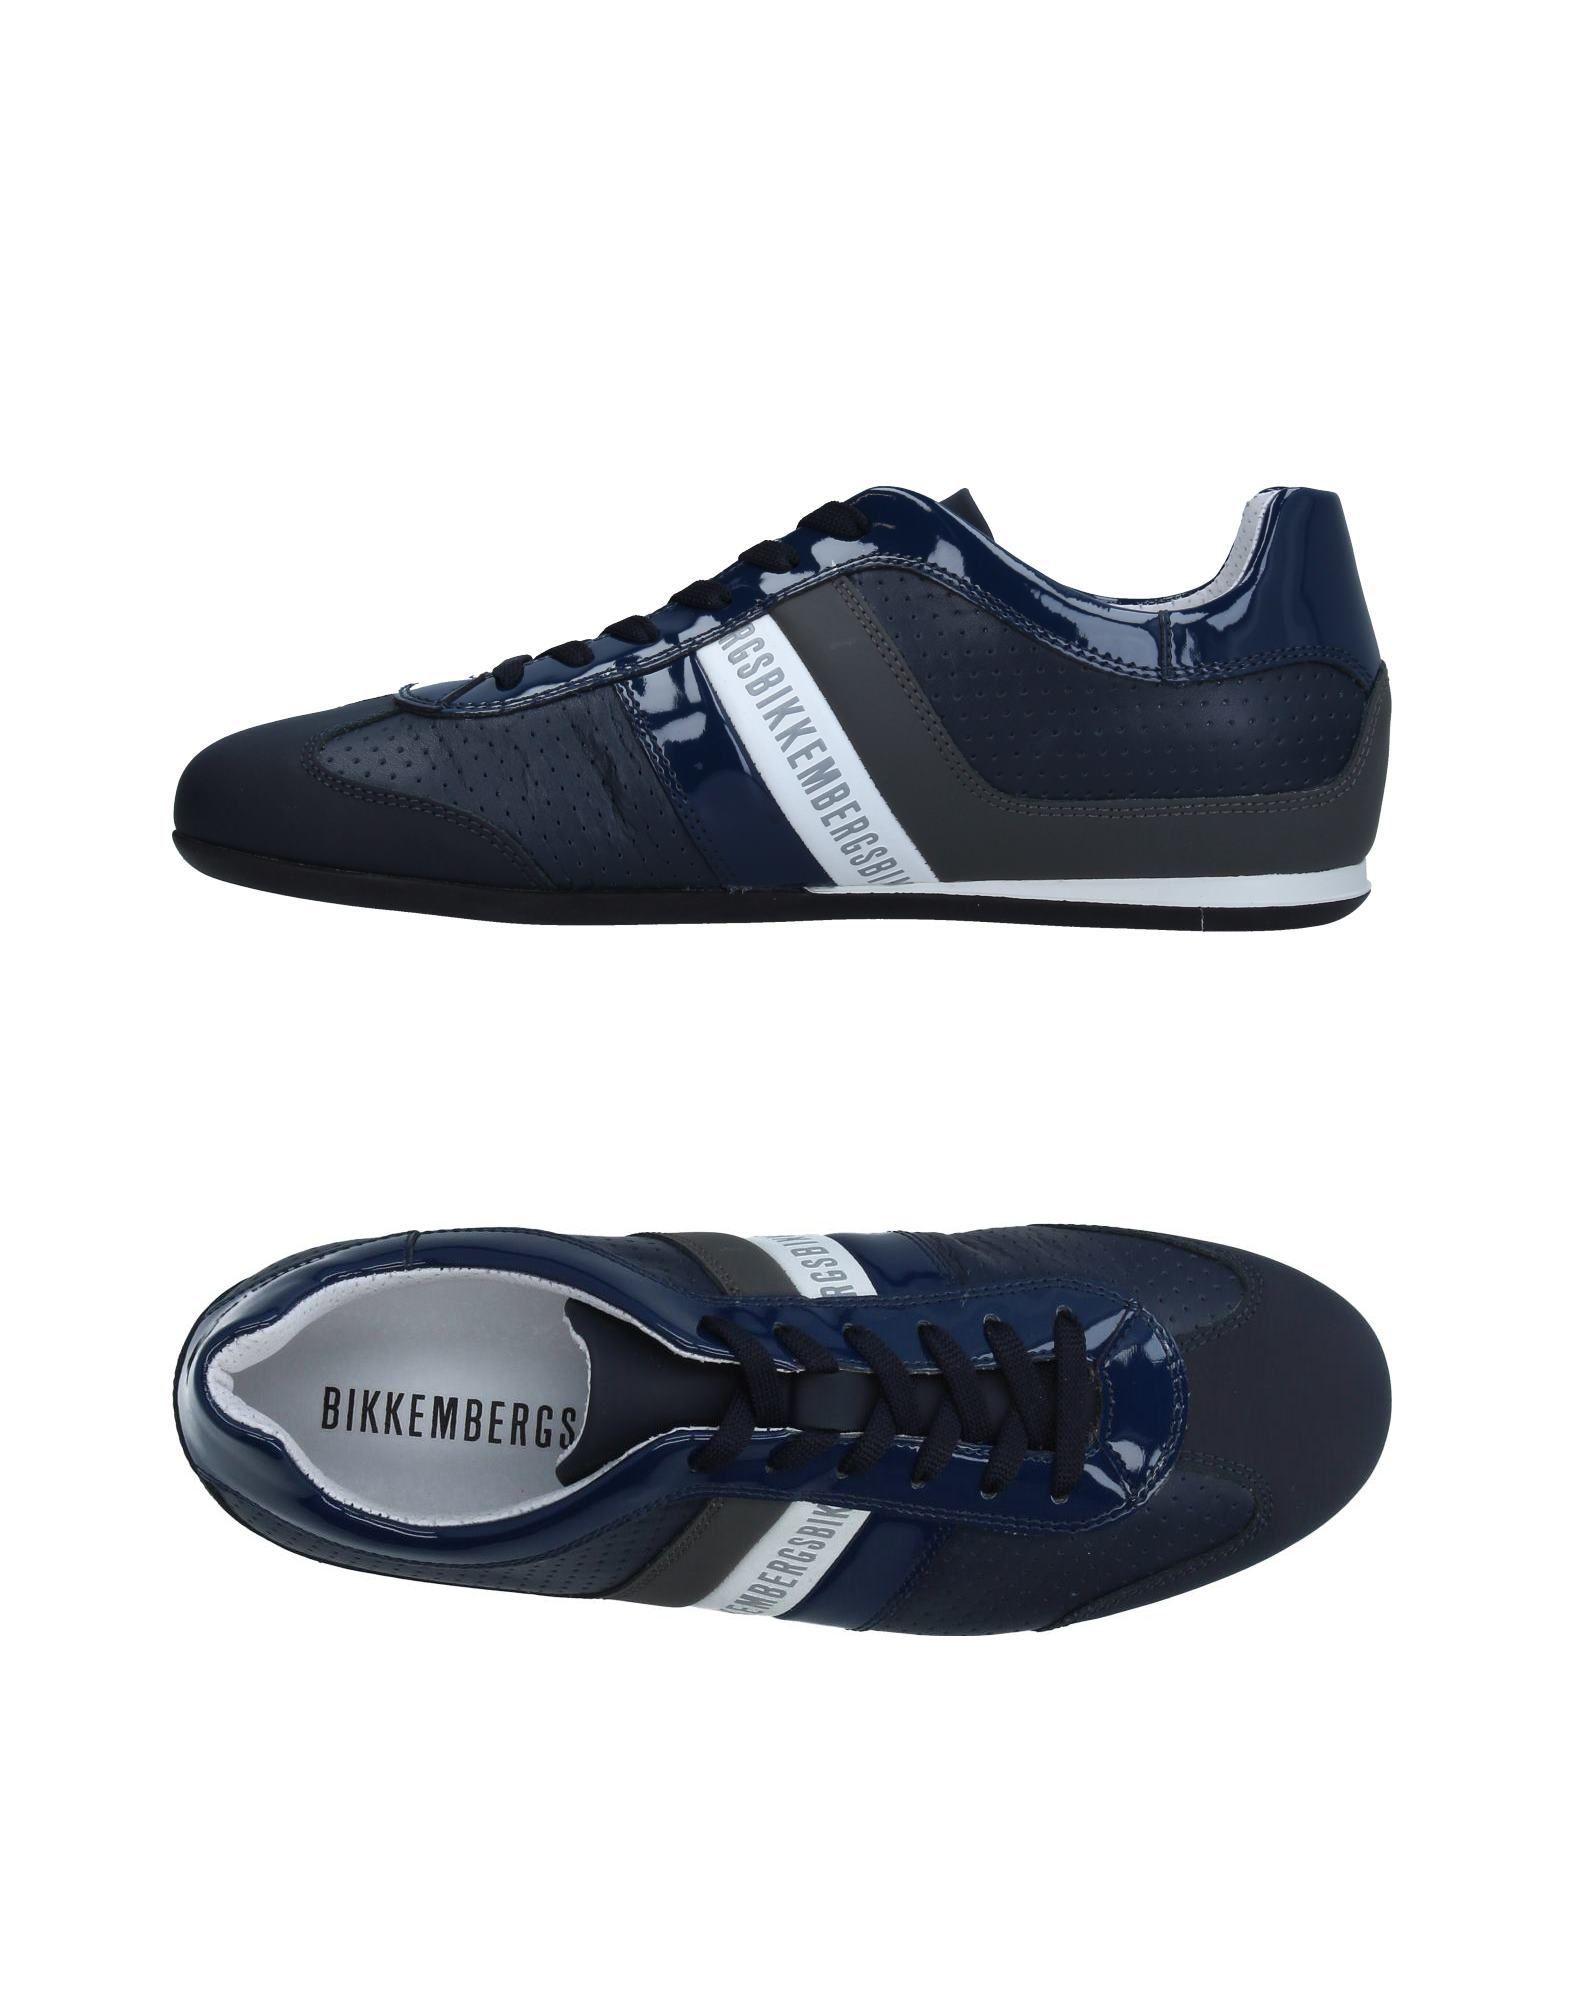 Sneakers Bikkembergs Uomo - 11332875EF Scarpe economiche e buone